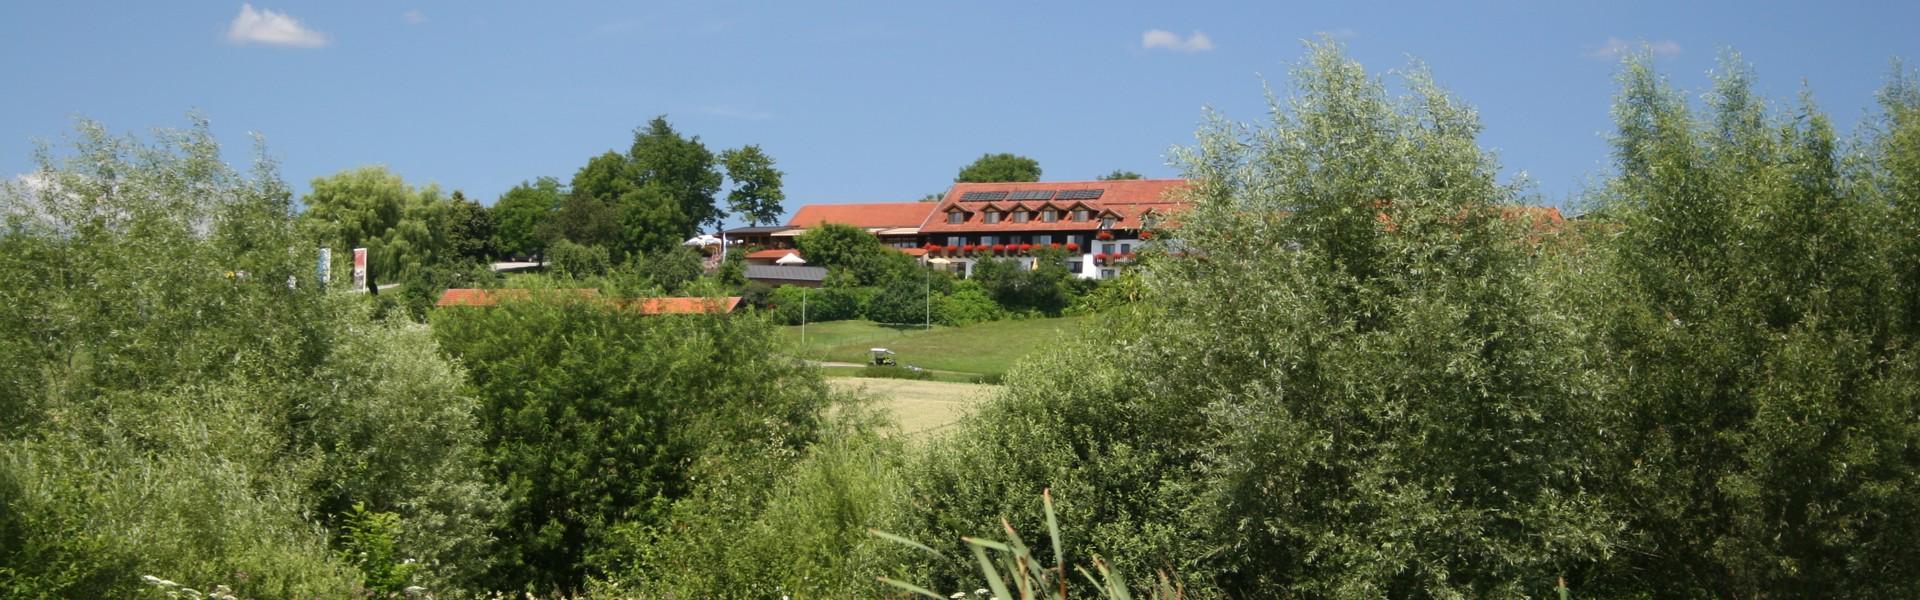 Abschlag 18 und Golf- und Landhotel Anetseder